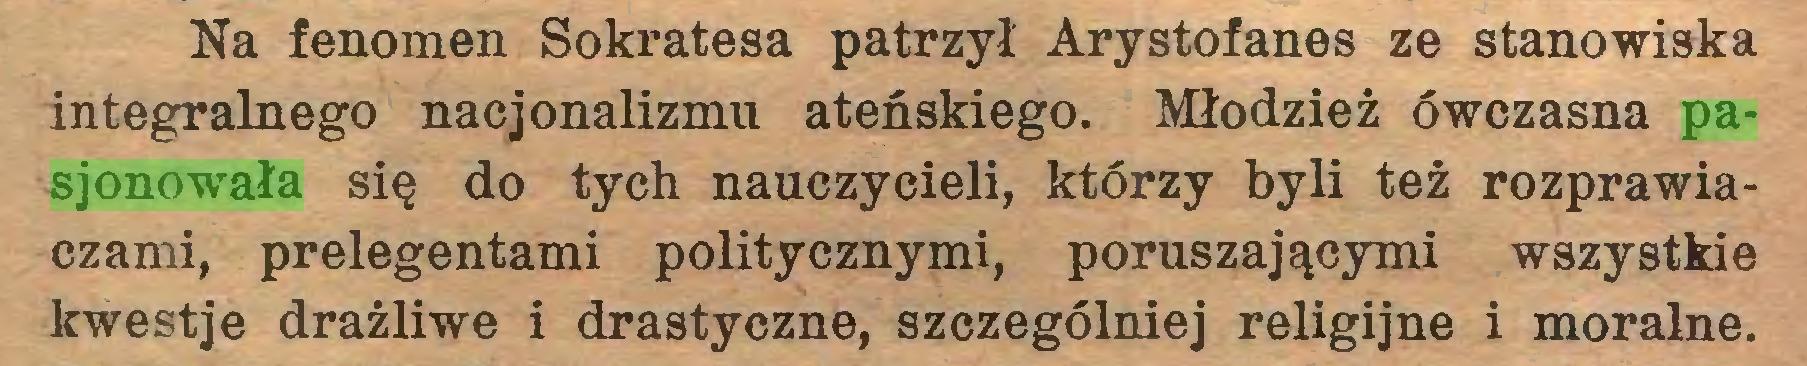 (...) Na fenomen Sokratesa patrzył Arystofanes ze stanowiska integralnego nacjonalizmu ateńskiego. Młodzież ówczasna pasjonowała się do tych nauczycieli, którzy byli też rozprawiaczami, prelegentami politycznymi, poruszającymi wszystkie kwestje drażliwe i drastyczne, szczególniej religijne i moralne...